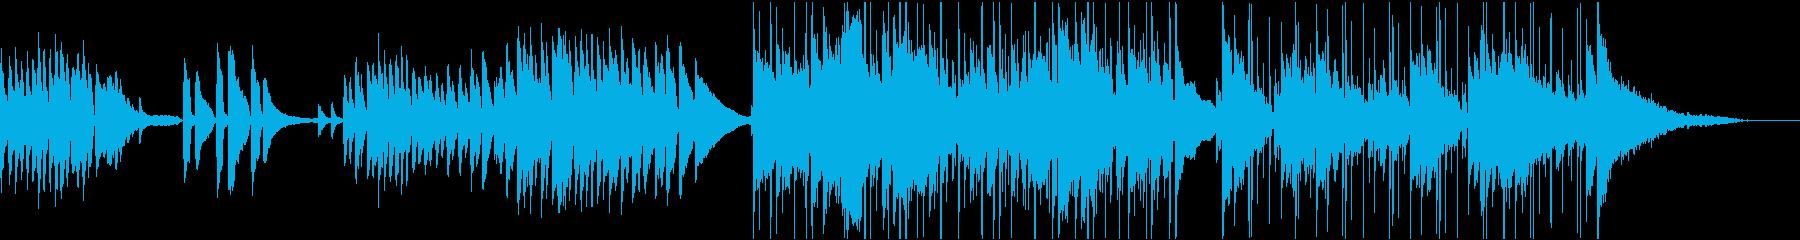 民族楽器使用、やや和風で落ち着いた楽曲の再生済みの波形